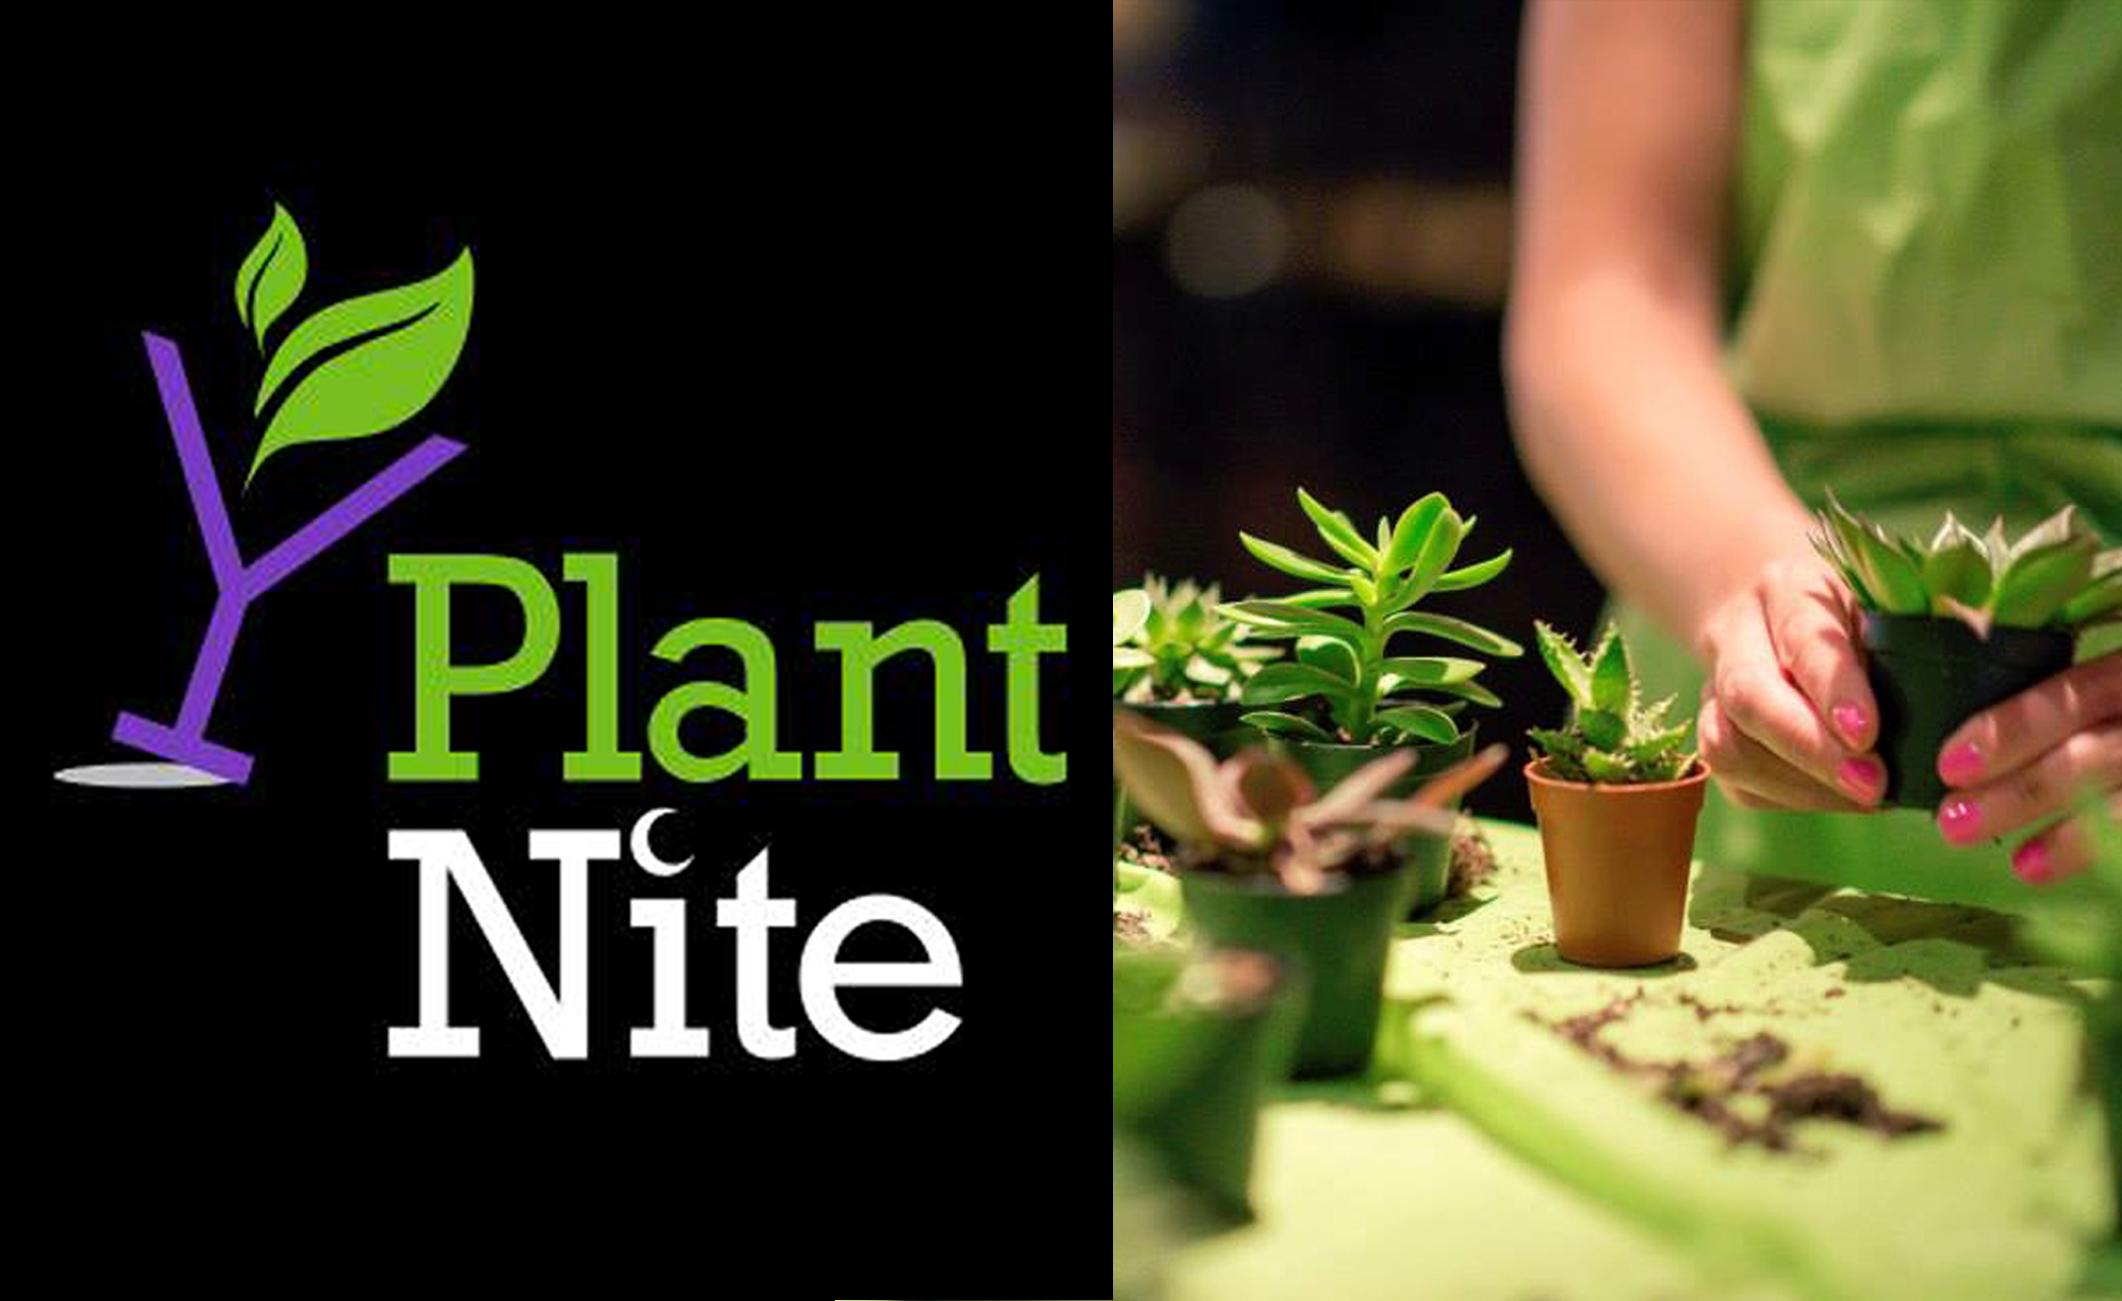 Plant Nite!